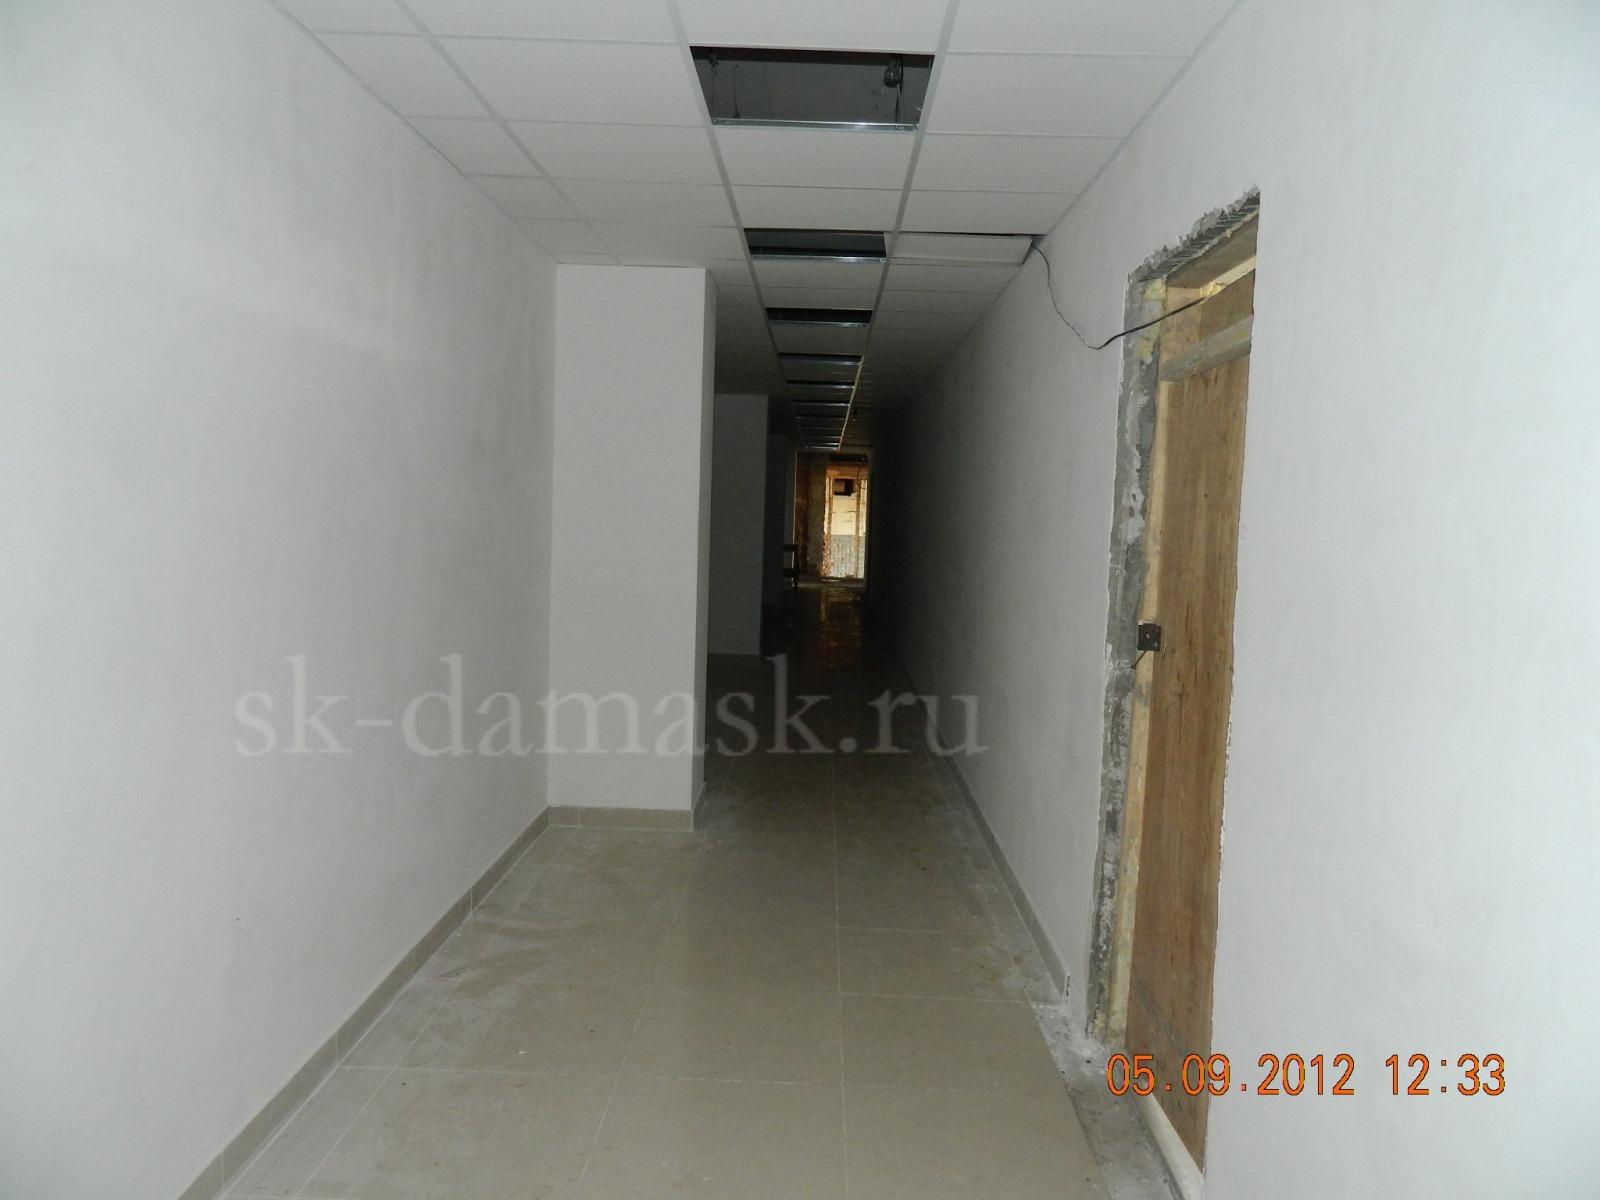 Ремонтно-строительная компания Ремонт квартир - цены и